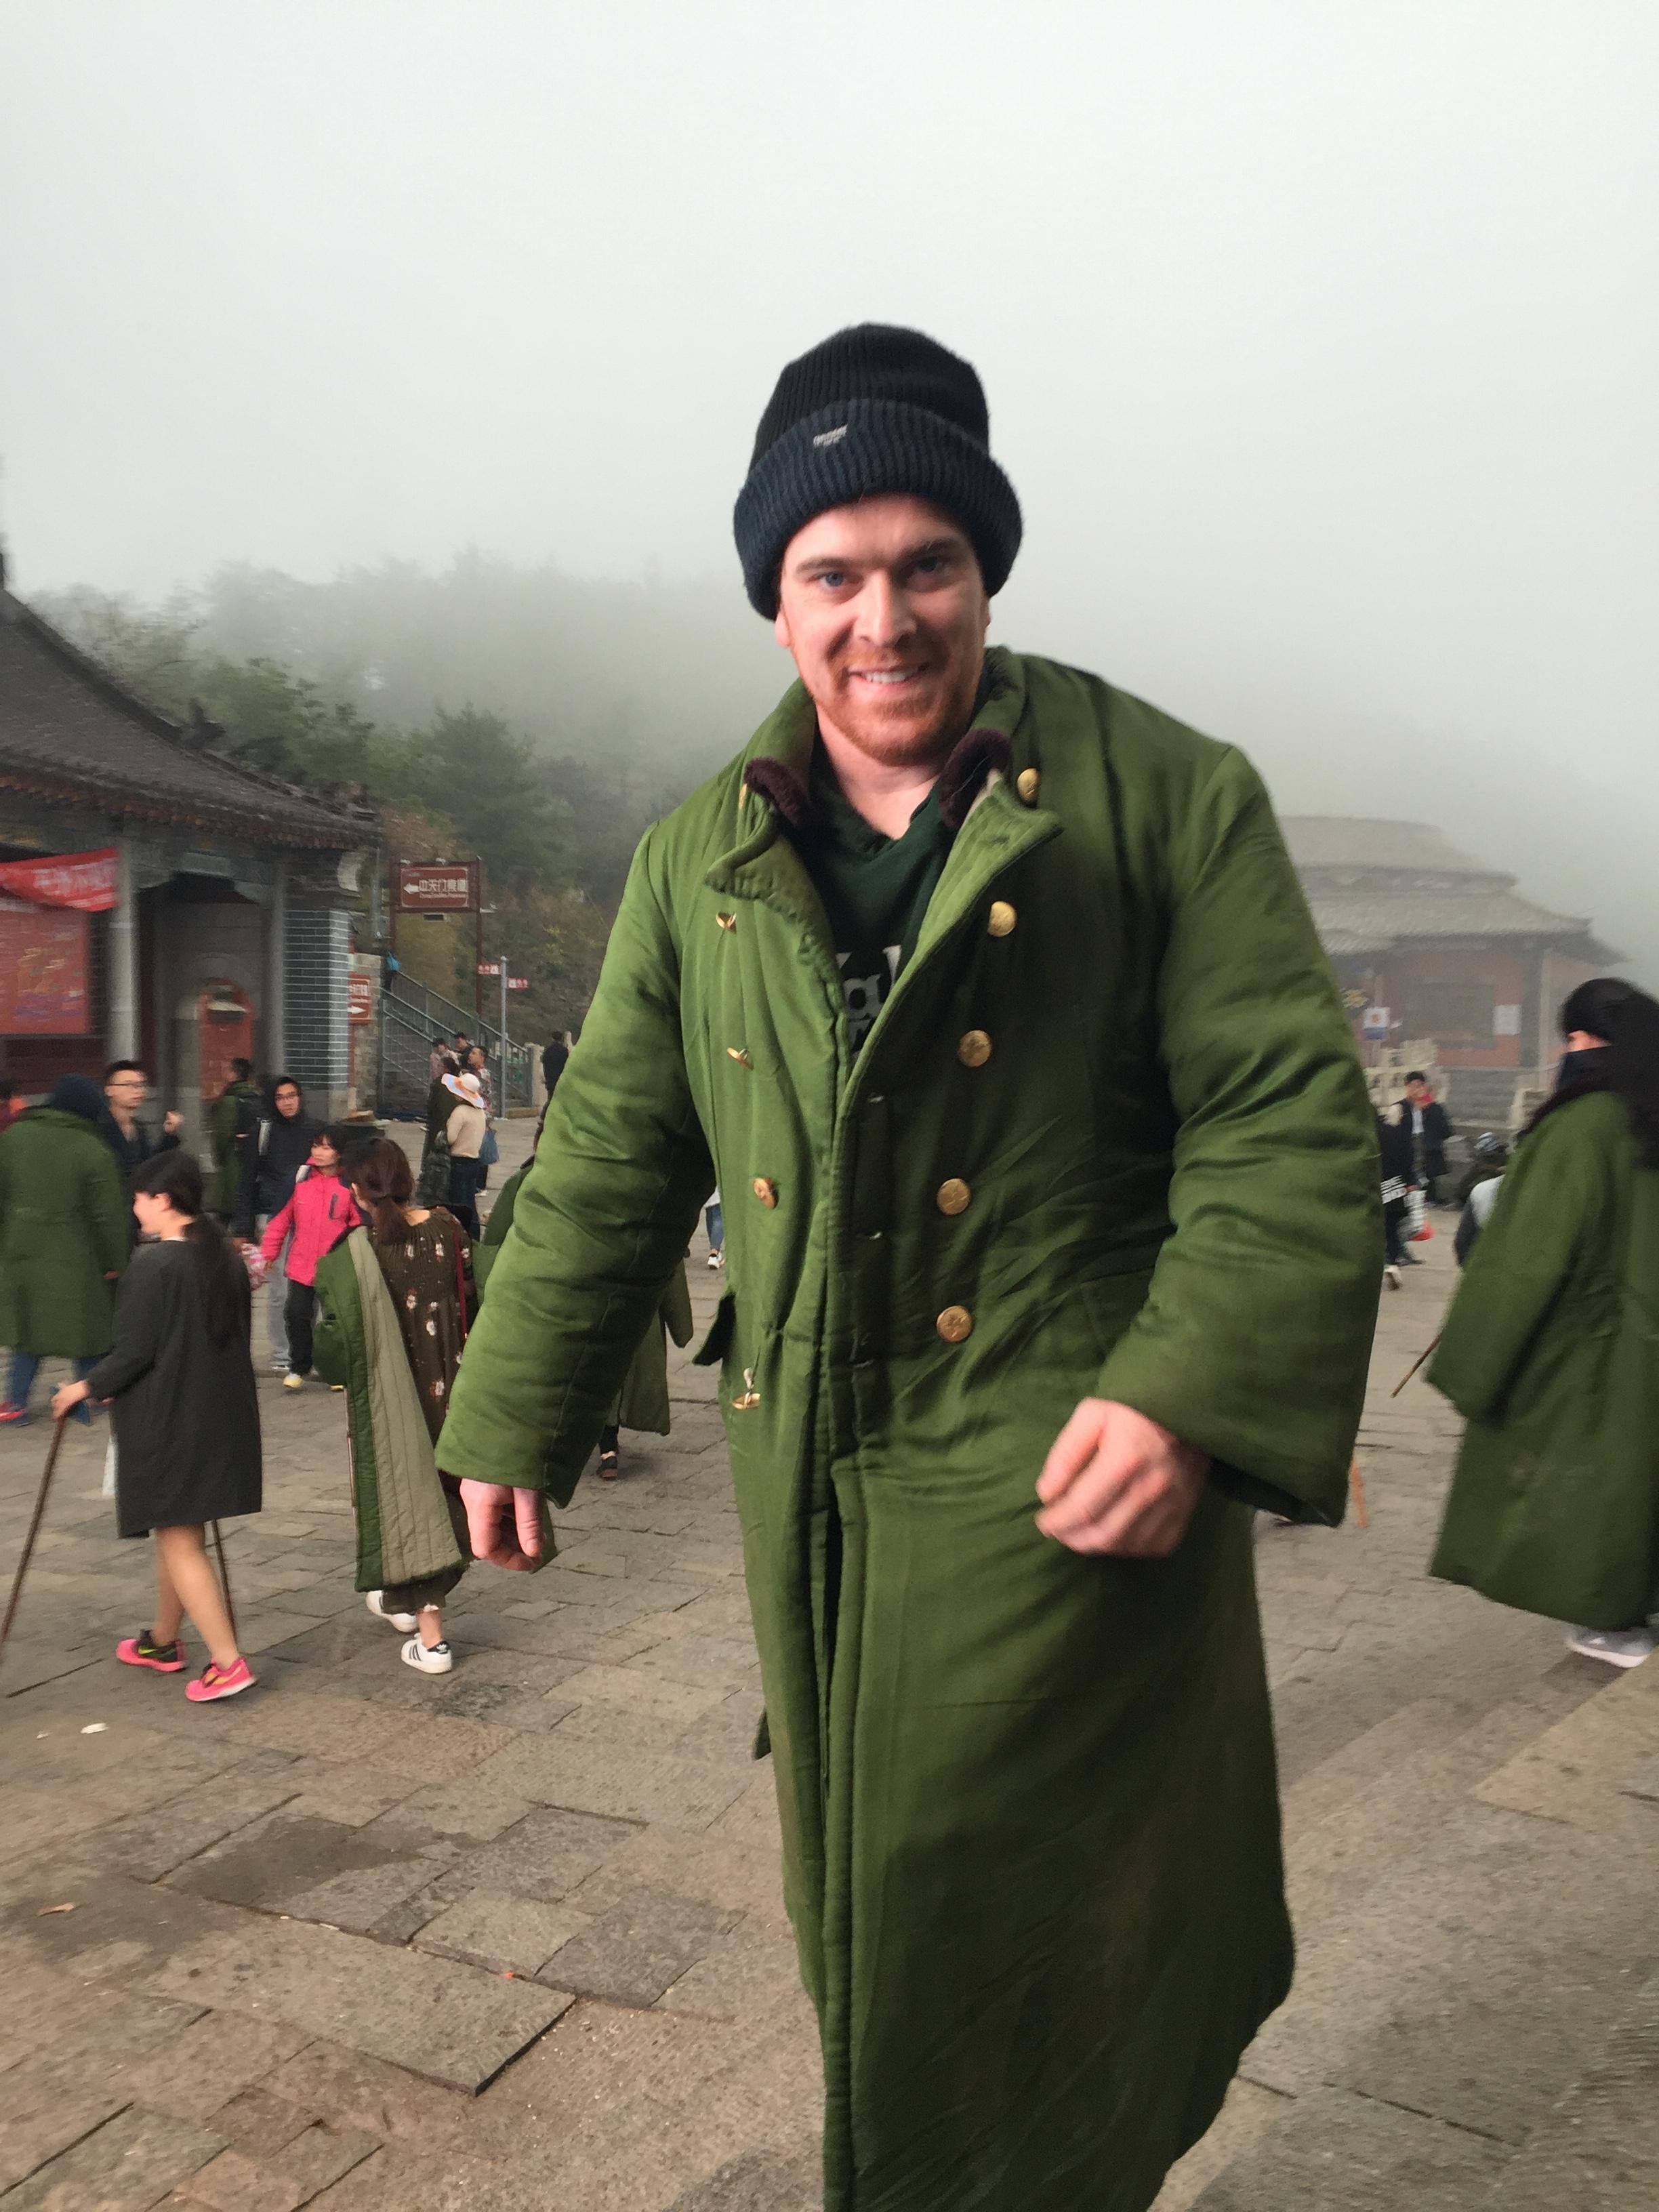 Cold Irish fella.